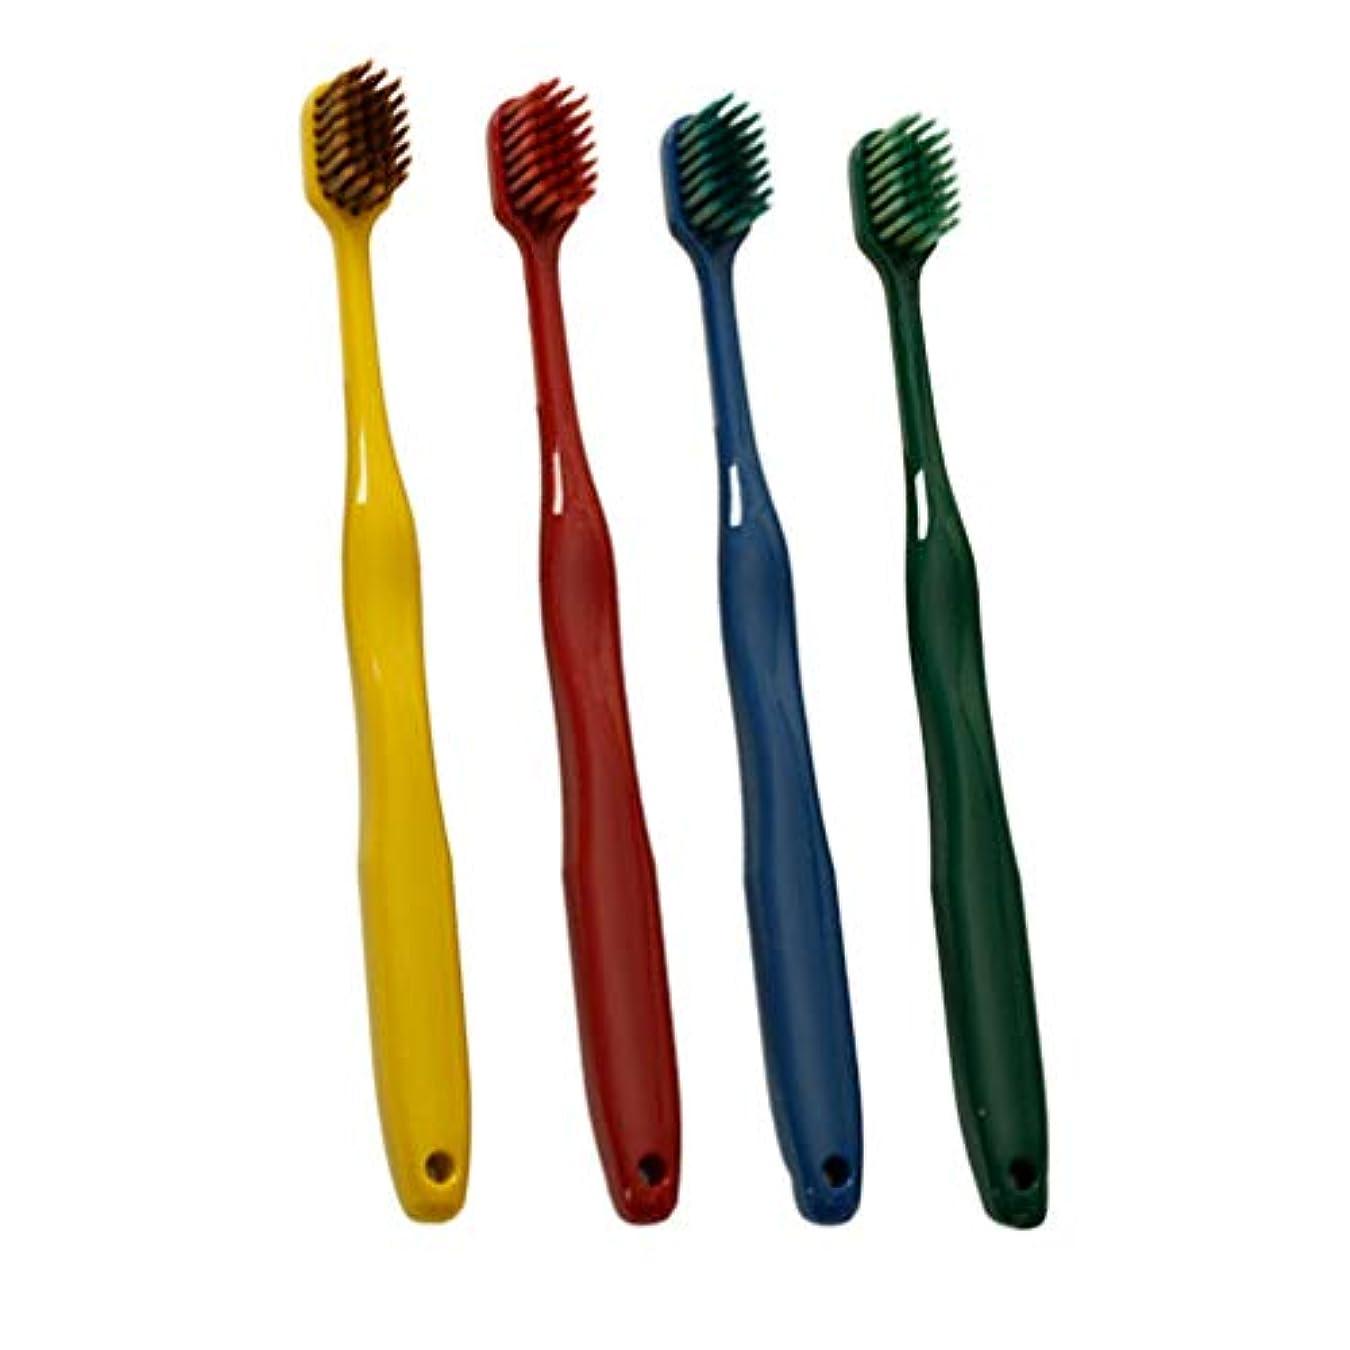 ひどい虚弱貸すSUPVOX 4本の歯ブラシ、旅行用の非常に柔らかい歯ブラシ(混合色)